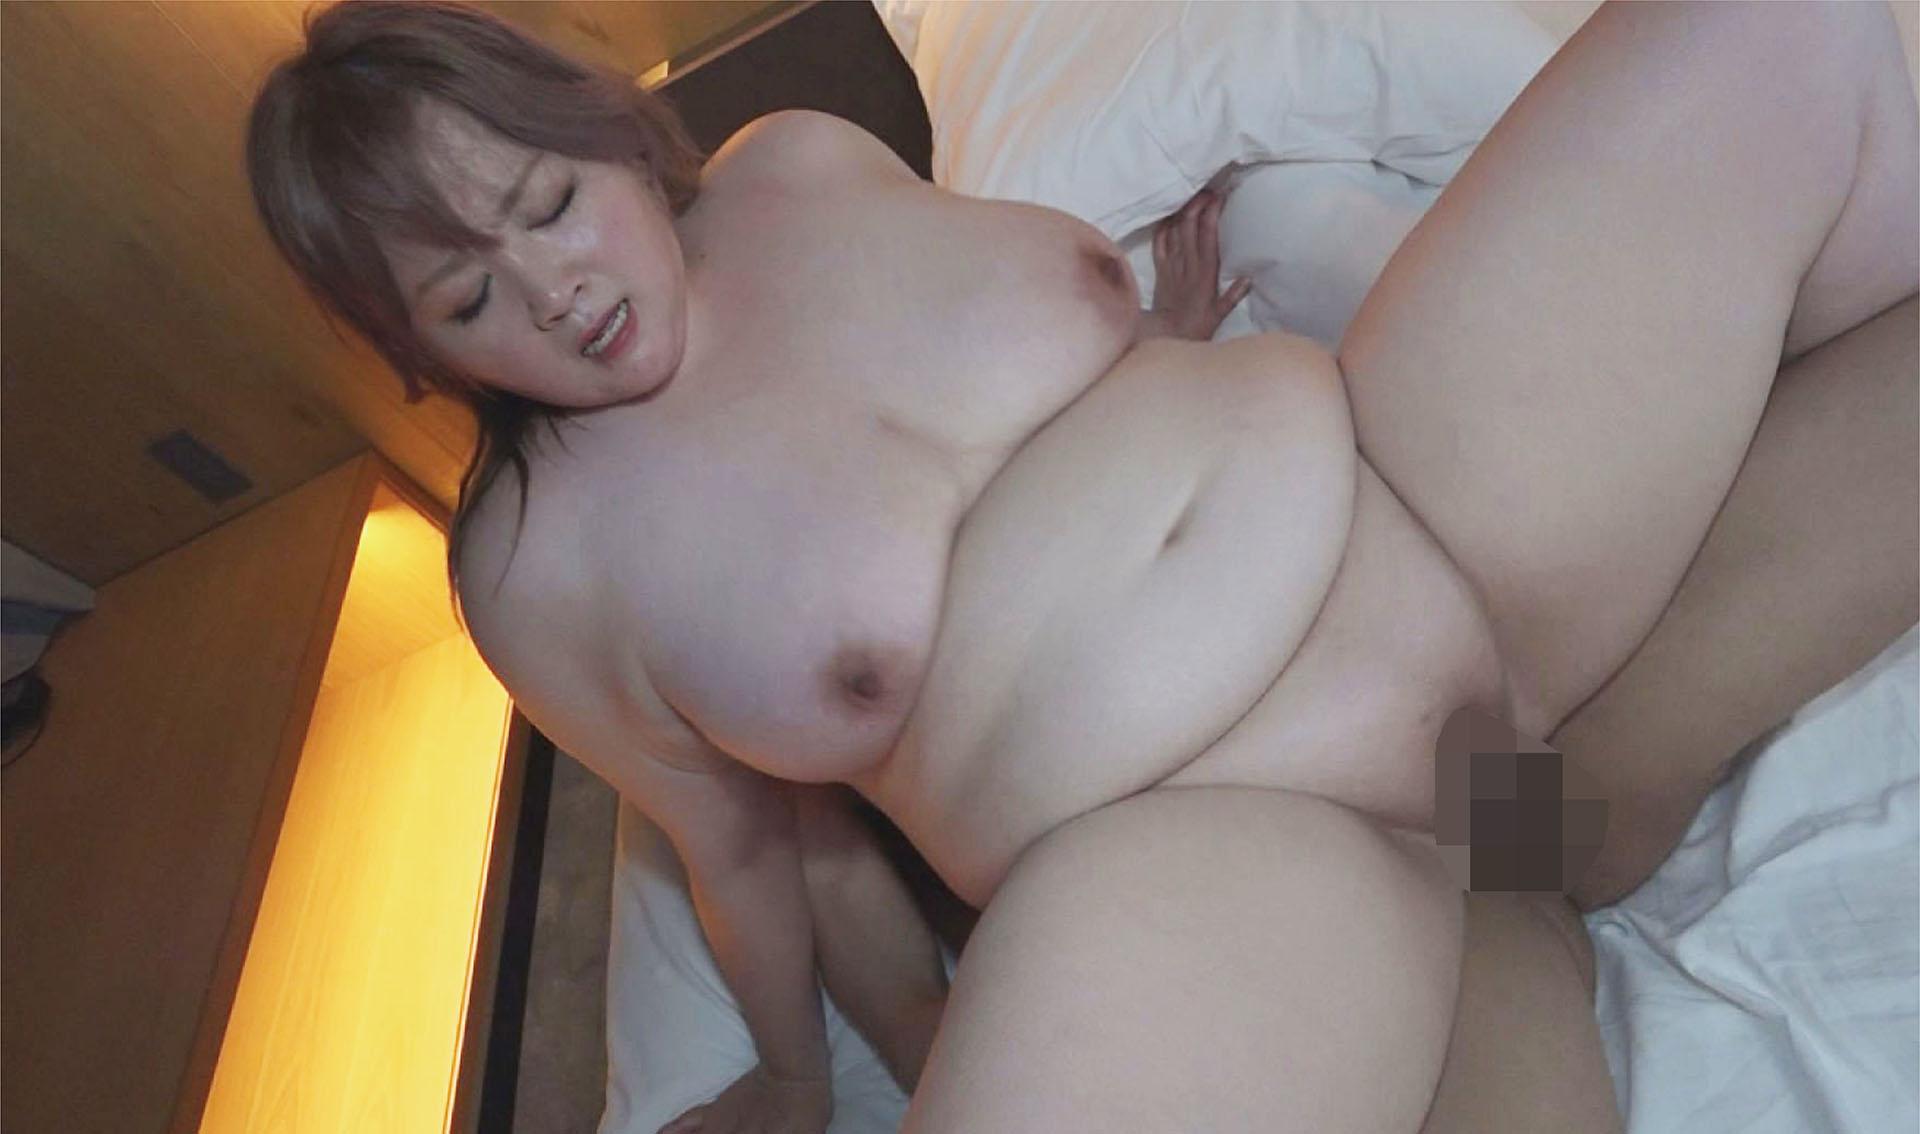 日本で一番ドスケベなおデブさん認定!ぽっちゃり熟女専門店のカリスマ爆乳風俗嬢、痴女りまくり15発射させるプライベート動画公開します。律子(53歳)のサンプル画像4